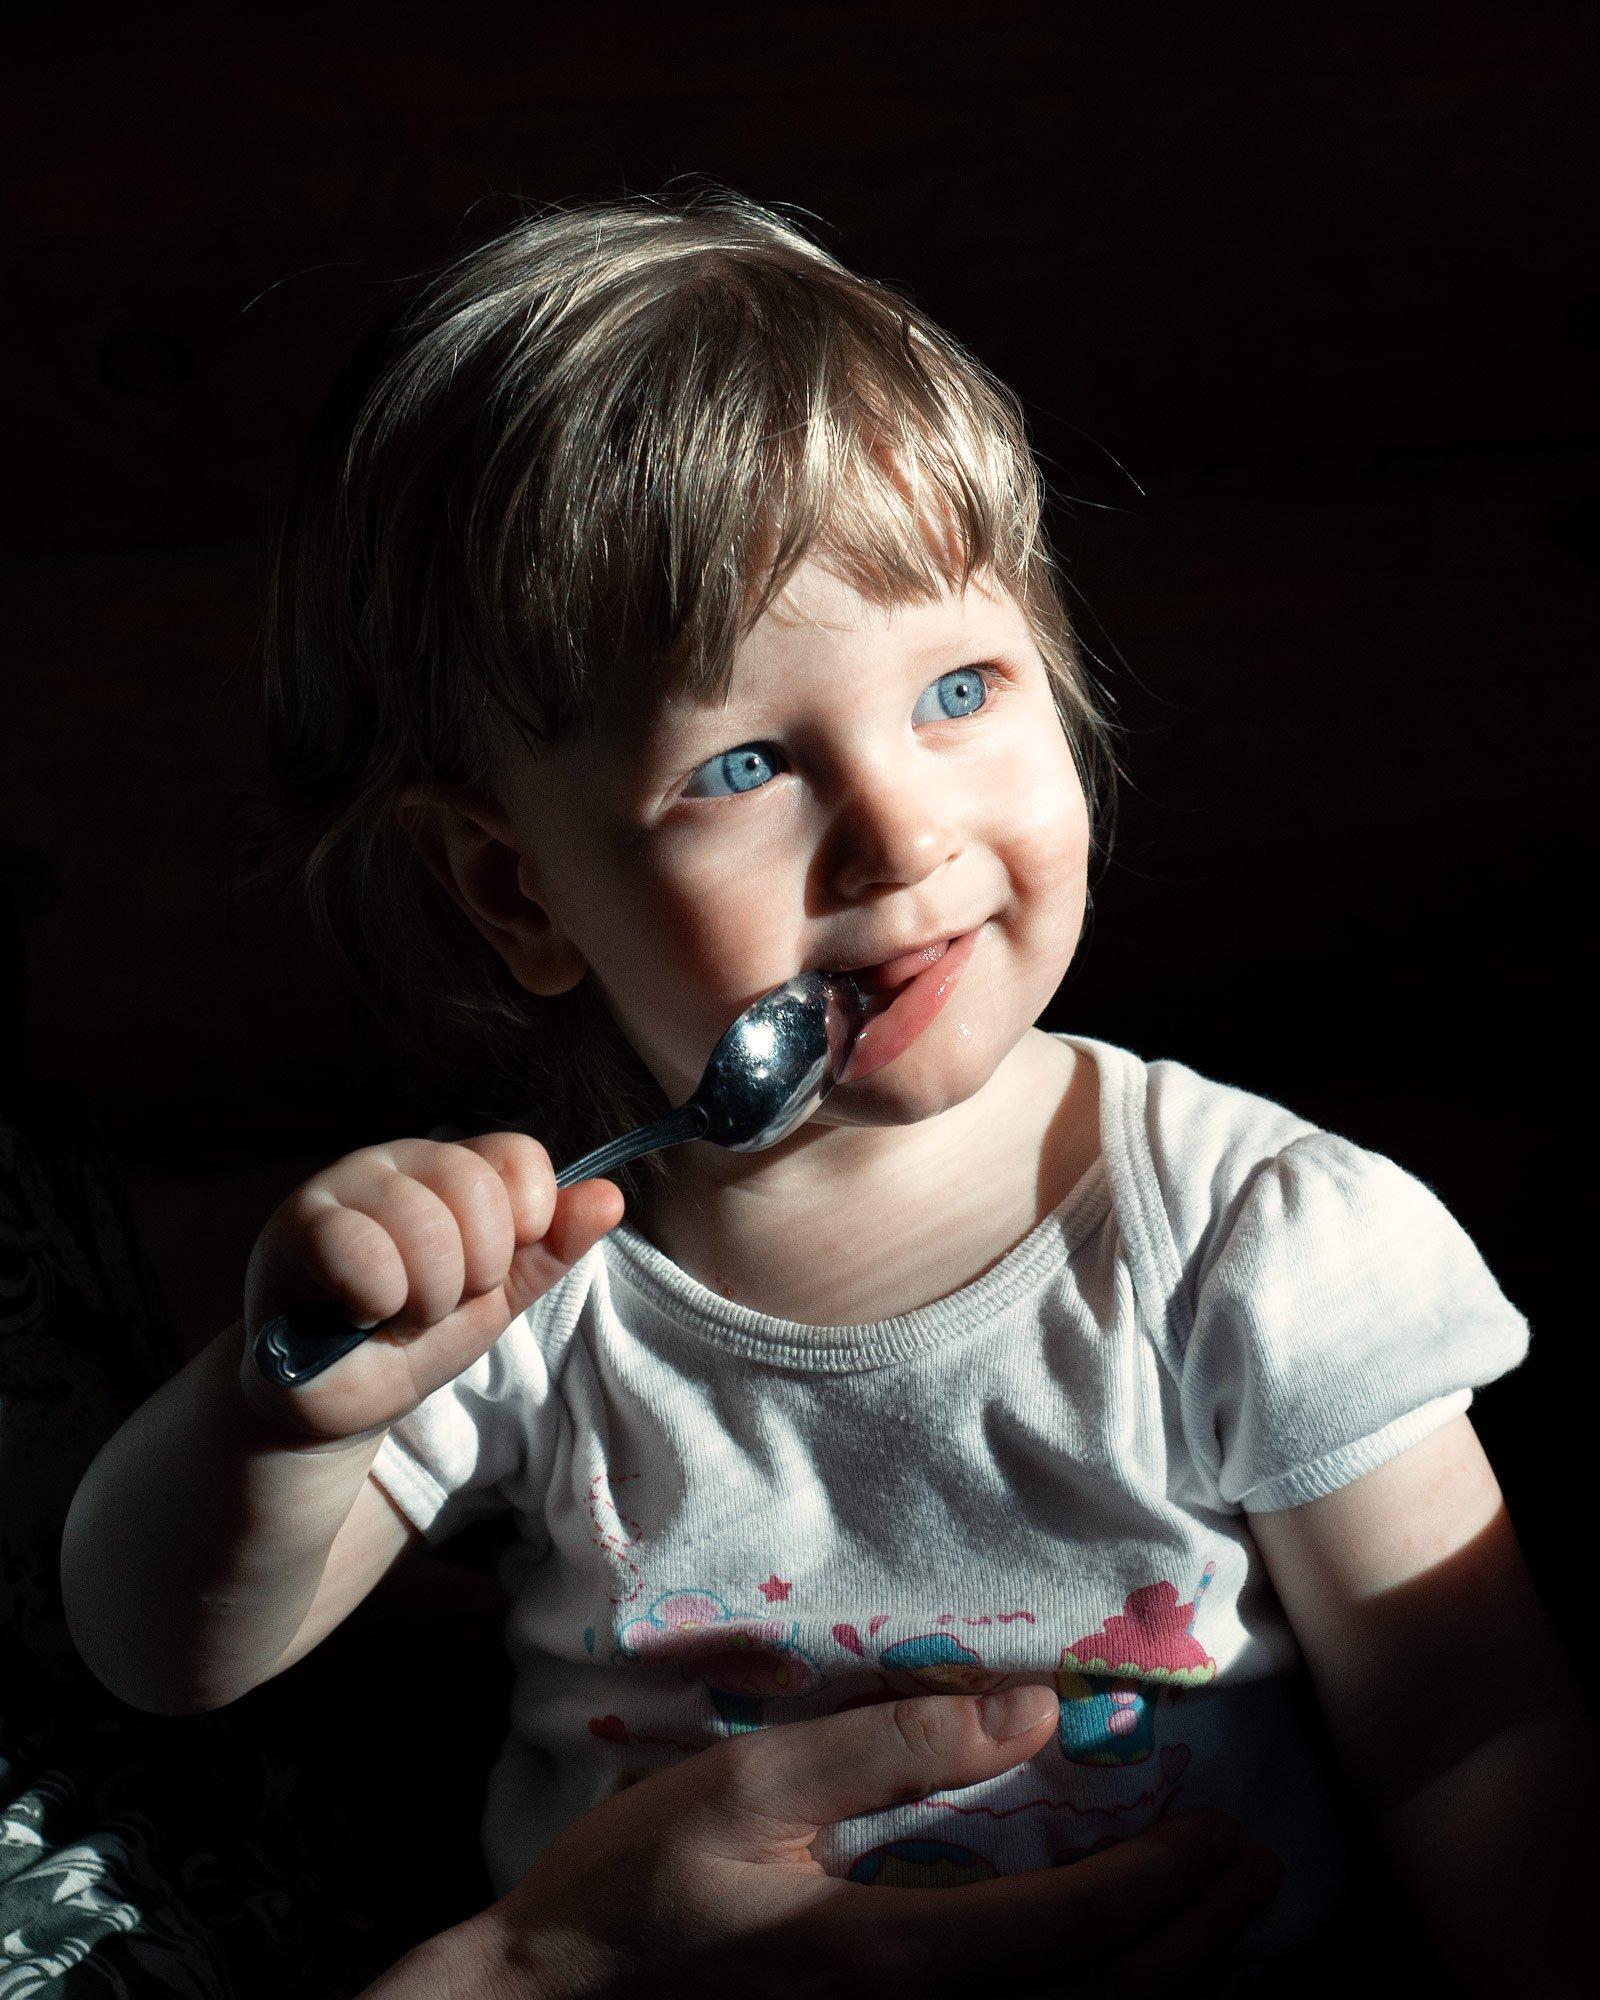 портрет, свет, ребенок, глаза, Саша Урманов